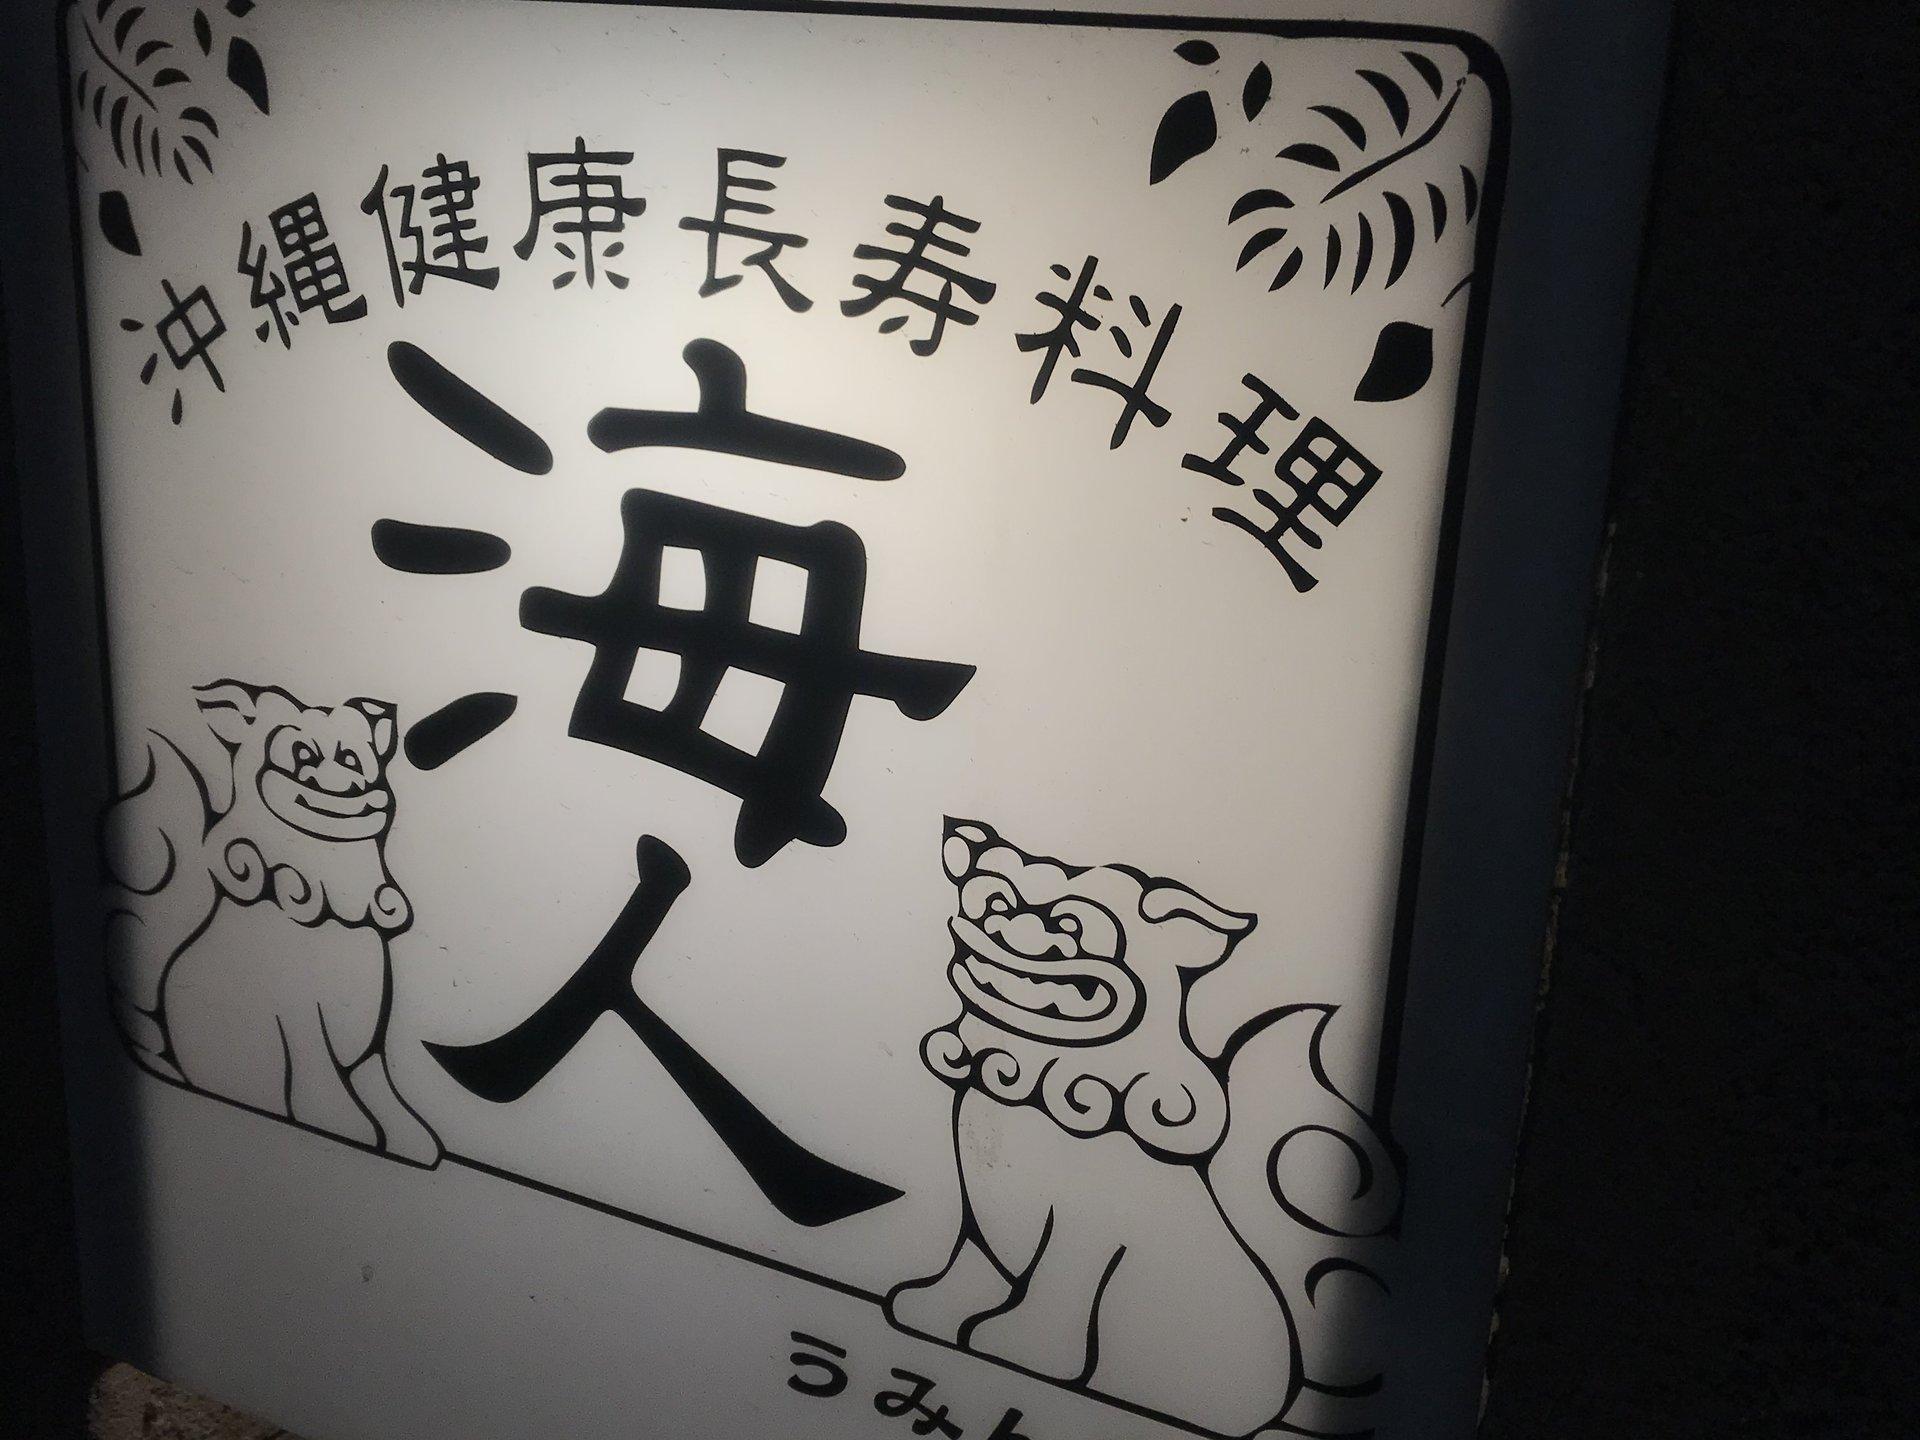 【閉店】海人 赤羽店